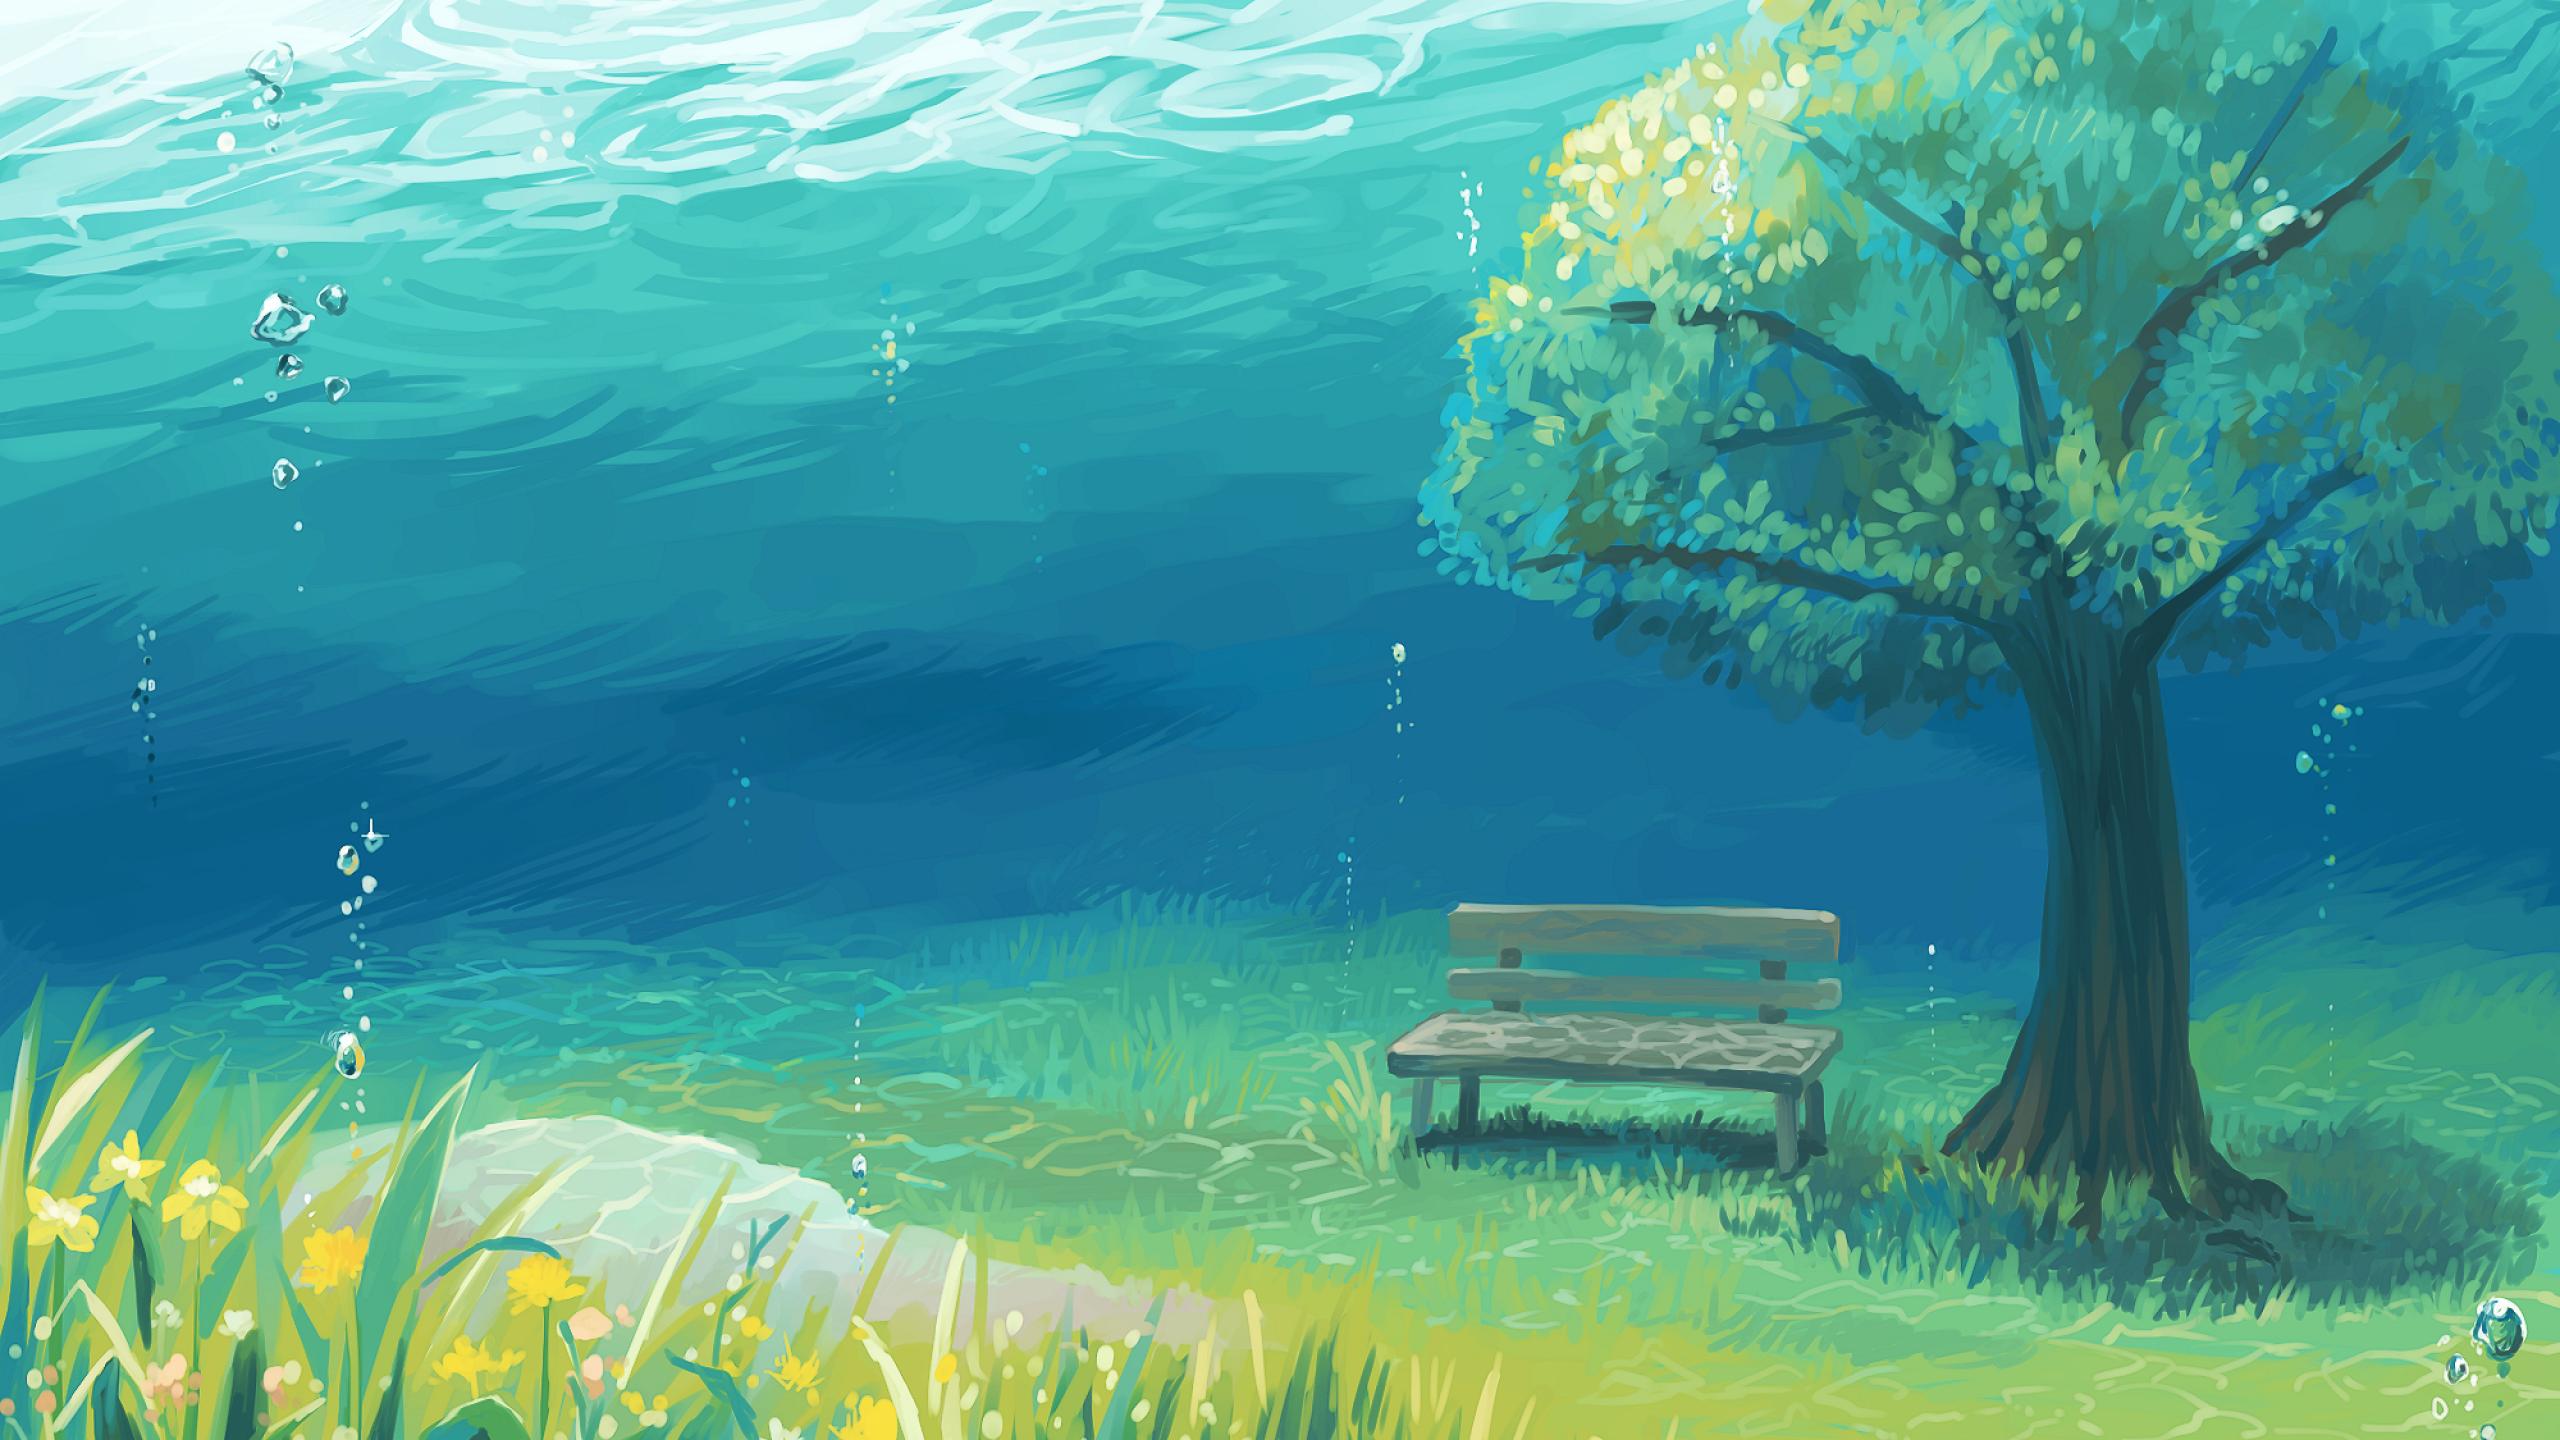 アニメ風景 アニメ風景の壁紙 2560x1440 Wallpapertip